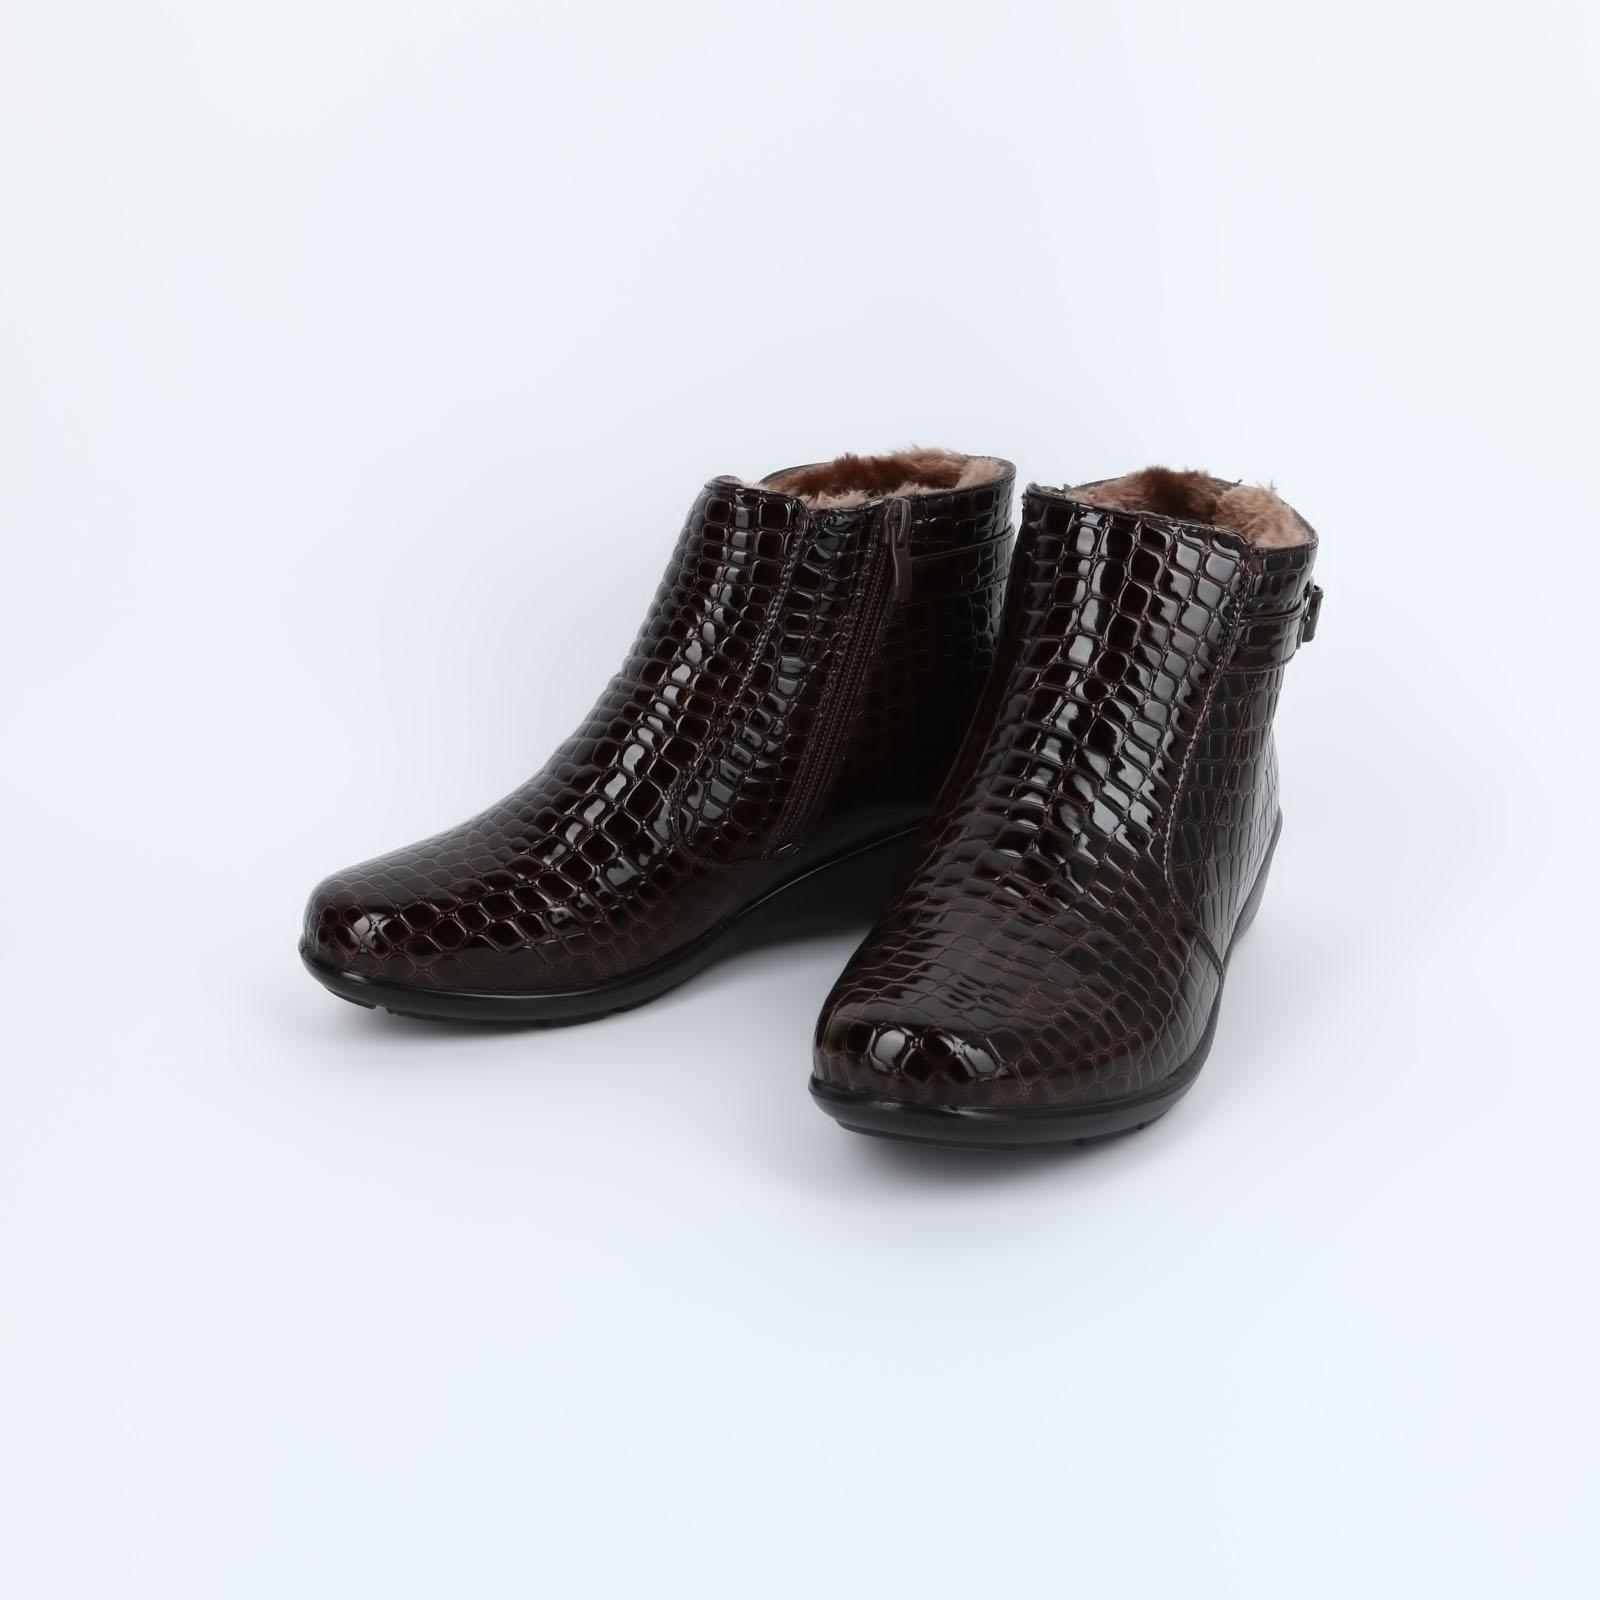 Ботинки с тиснением под кожу рептилии